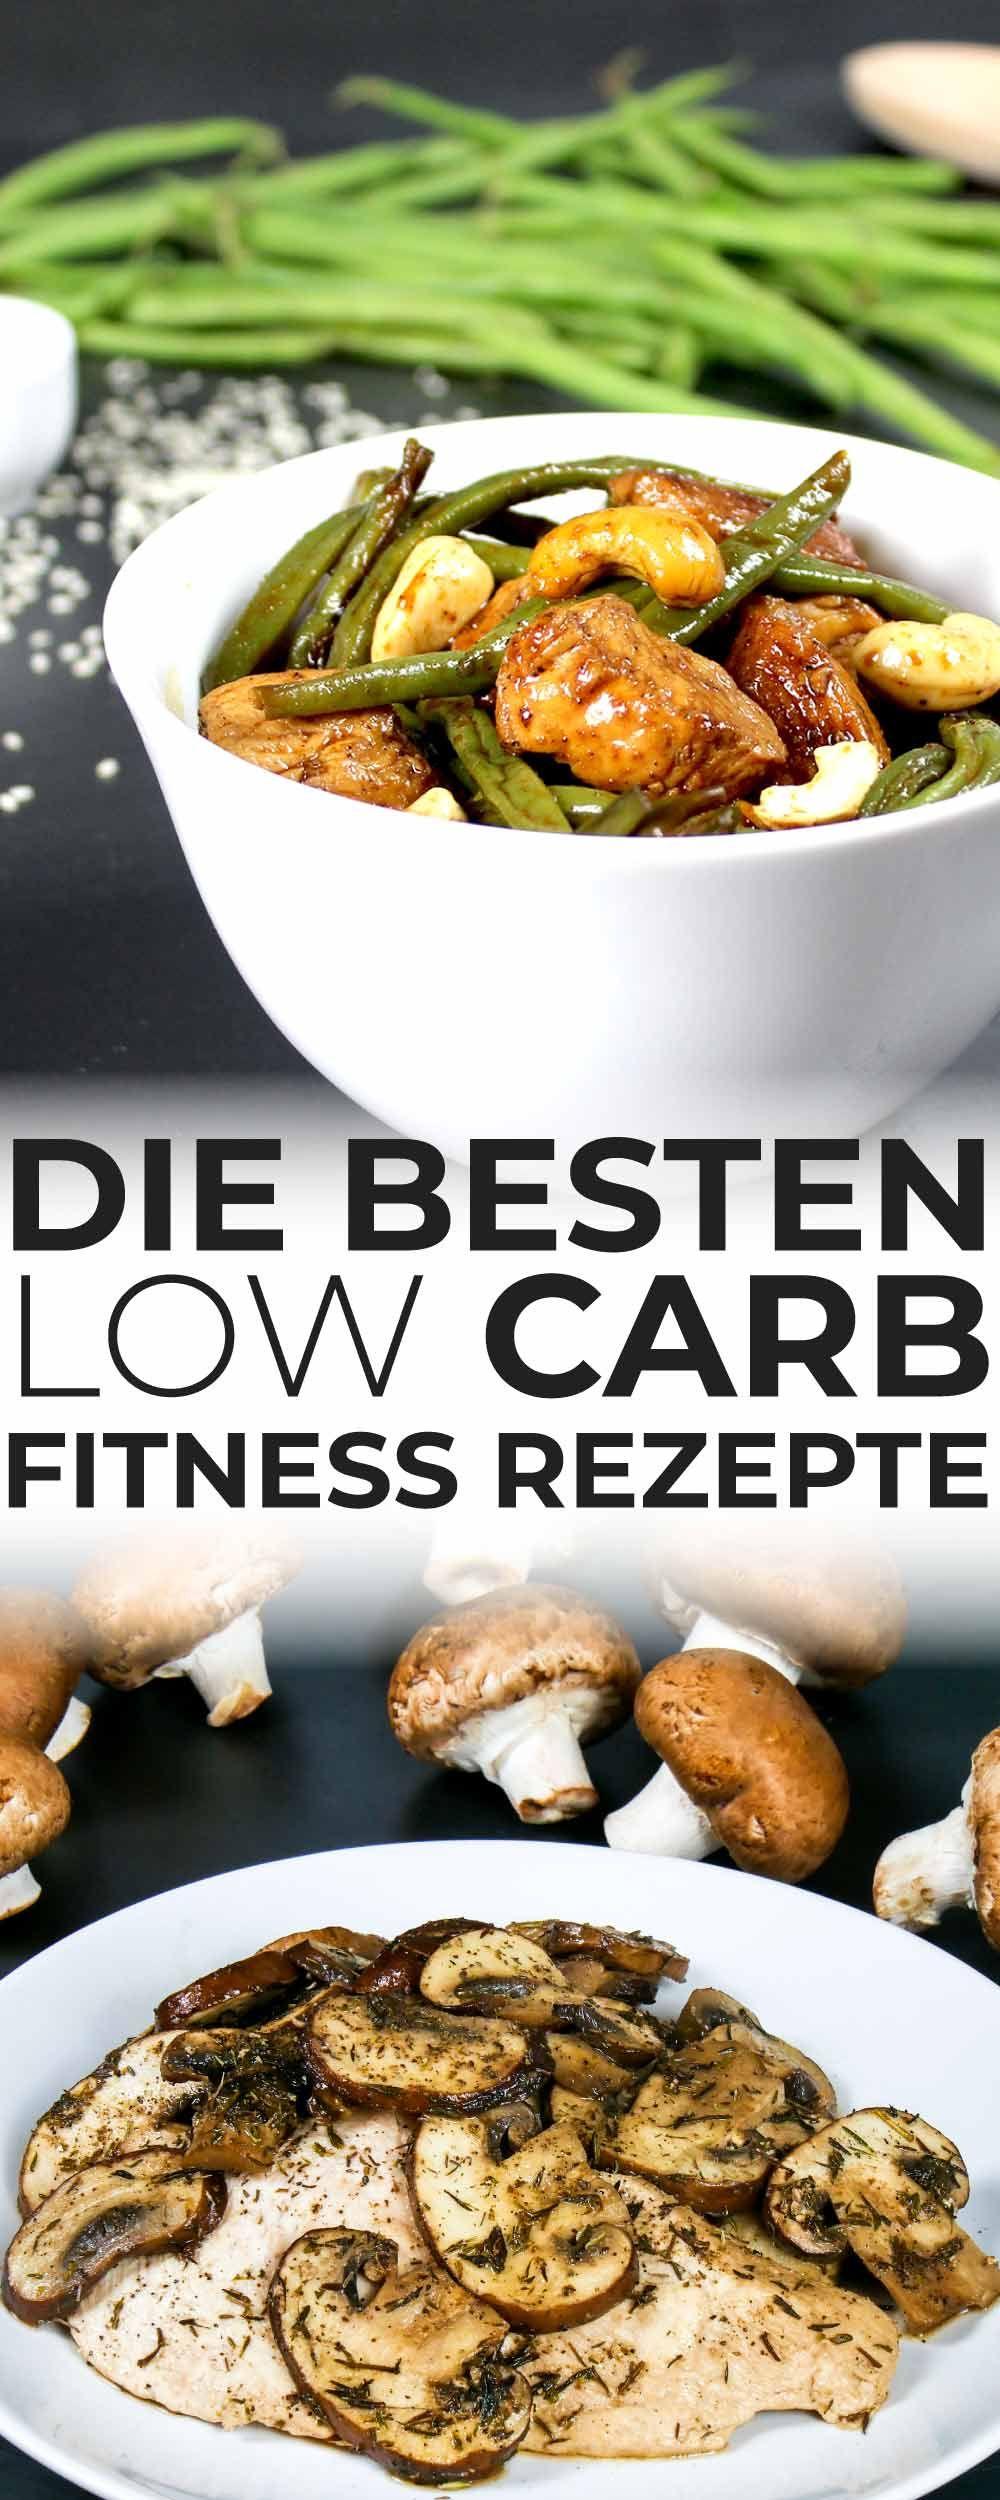 14 gesunde Fitness-Rezepte zum Abnehmen (+3 Bonus-Tipps) #nutritionhealthyeating